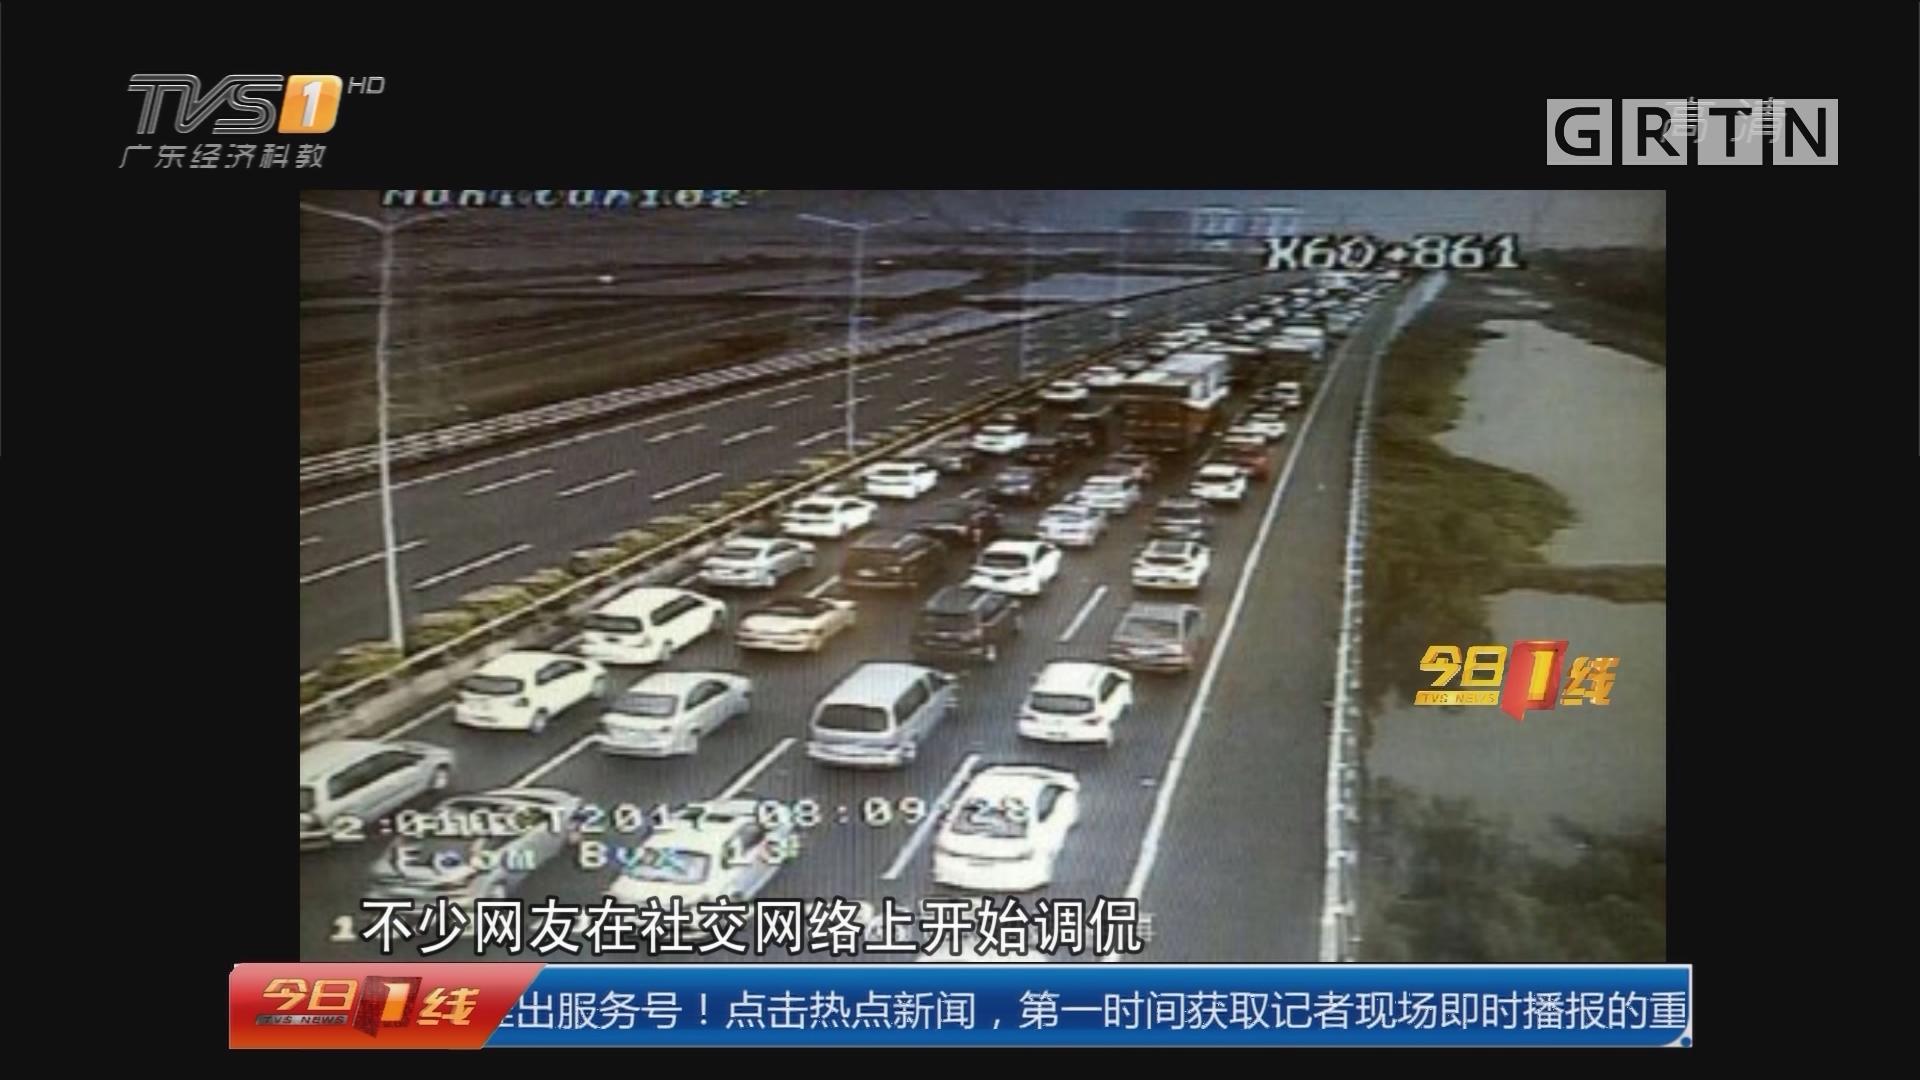 高速过夜:太堵!旅客在高速公路上过夜